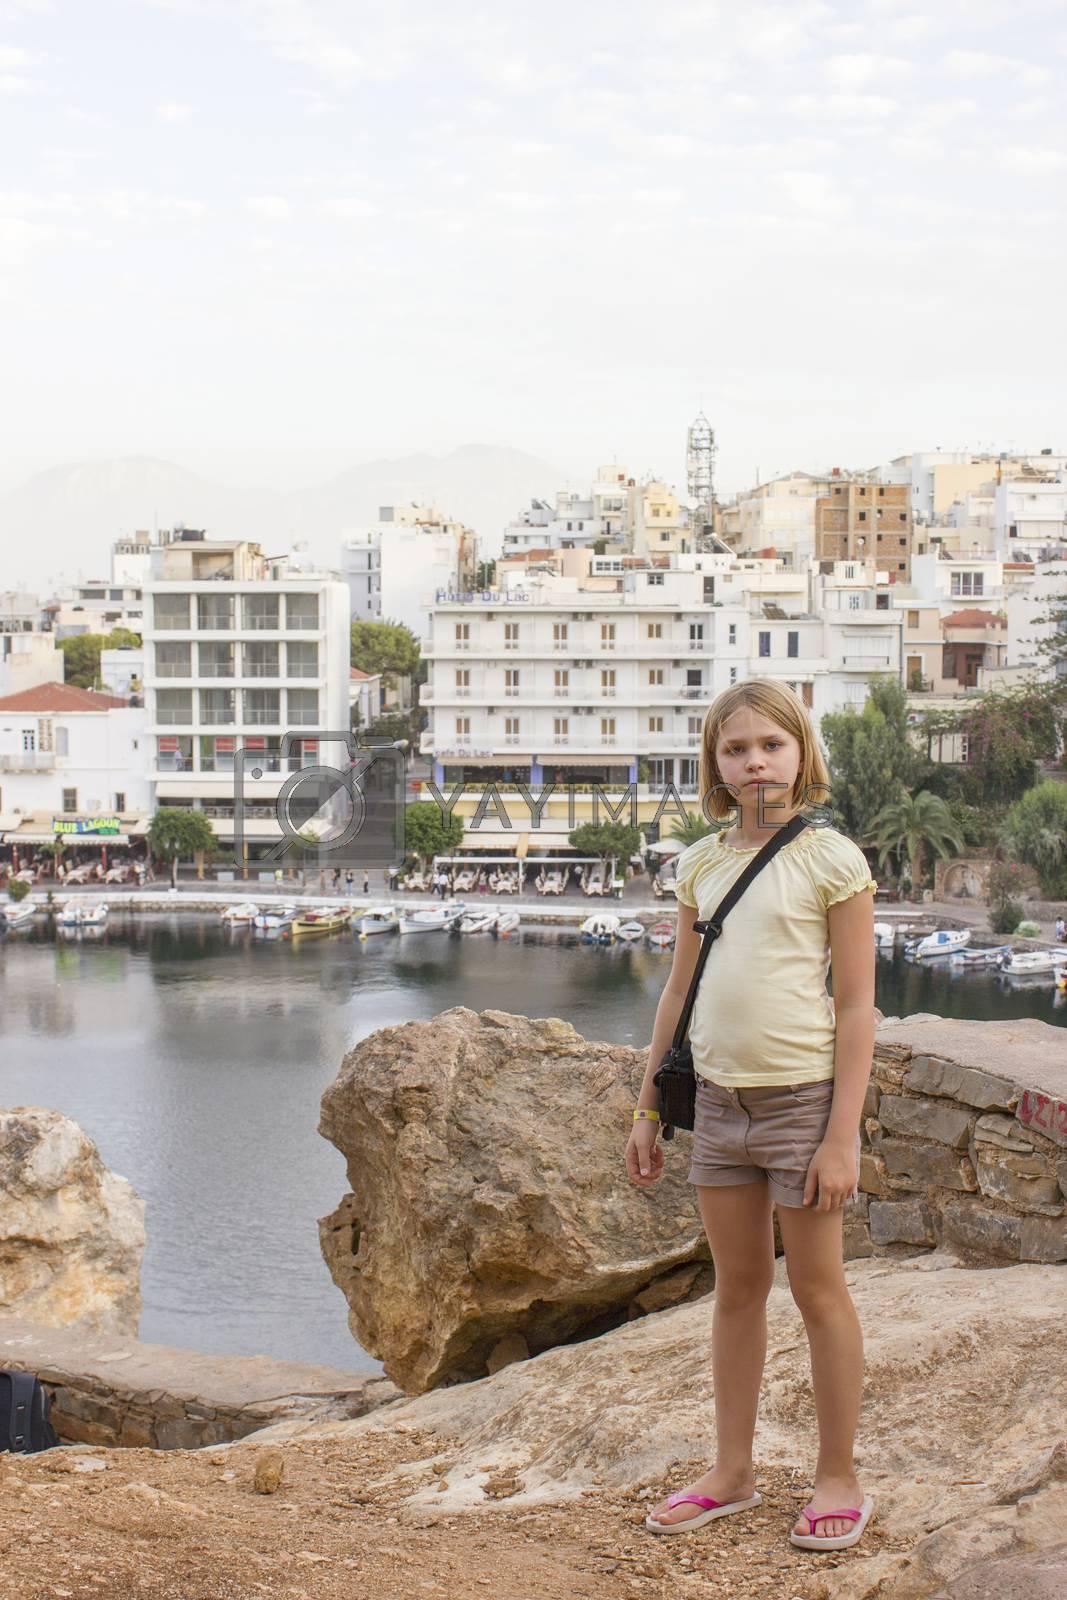 Agios Nikolaos, Crete by miradrozdowski